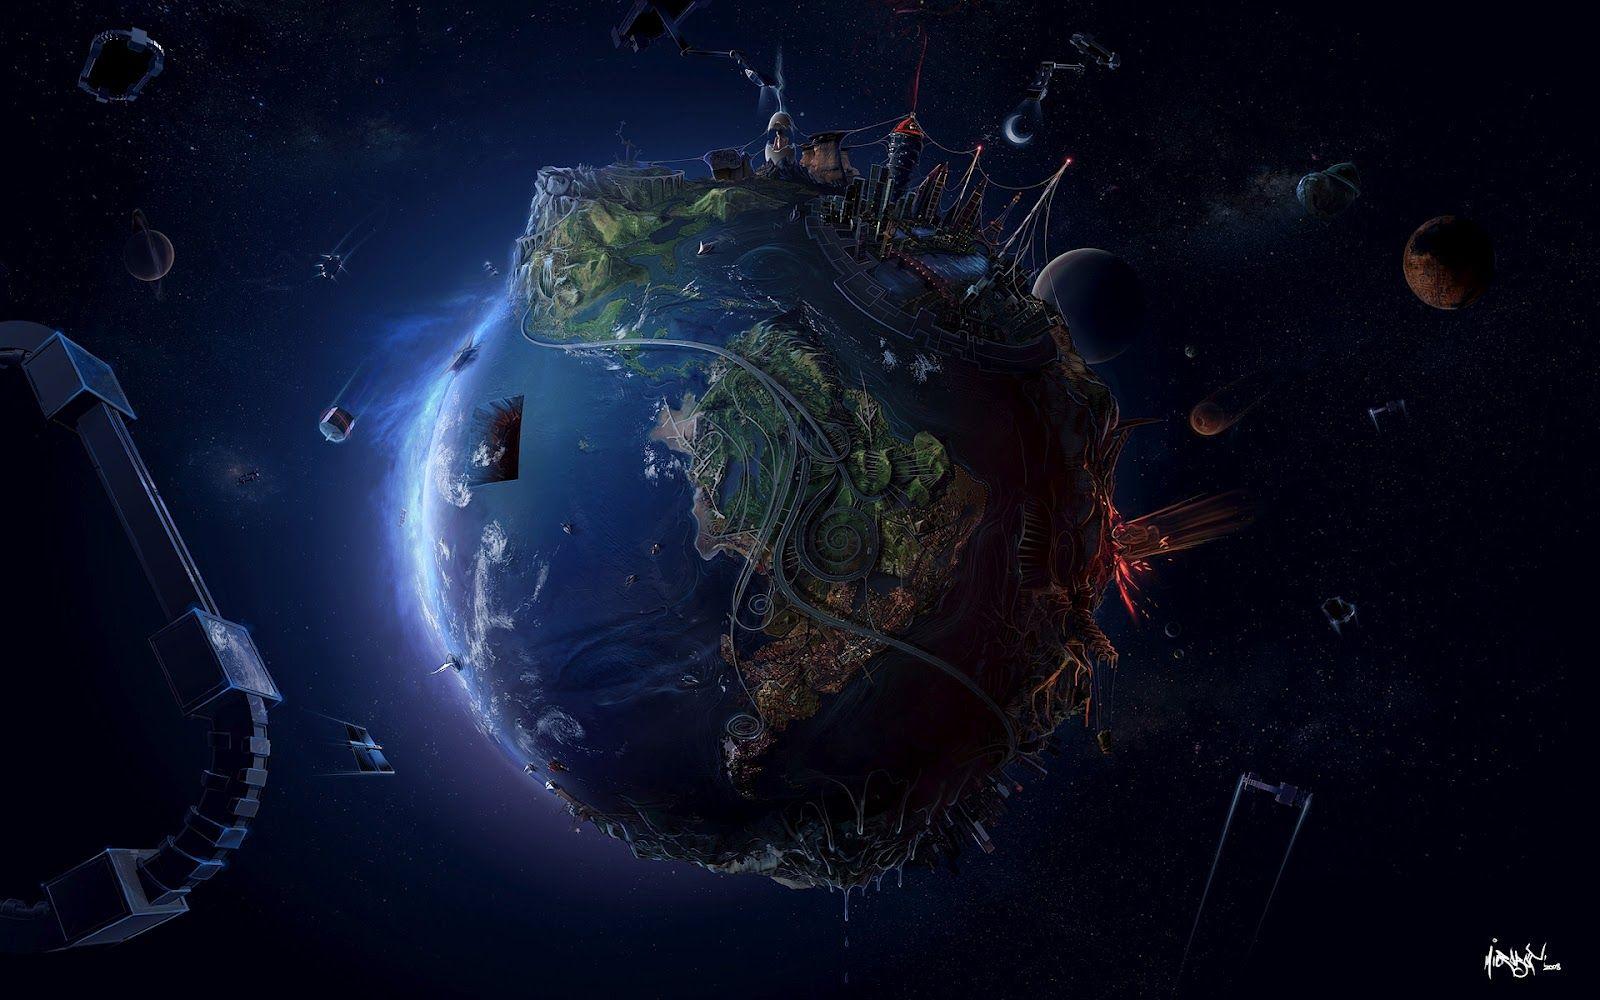 31 Wallpapers Hd De El Planeta Tierra Imagenes Fondos De